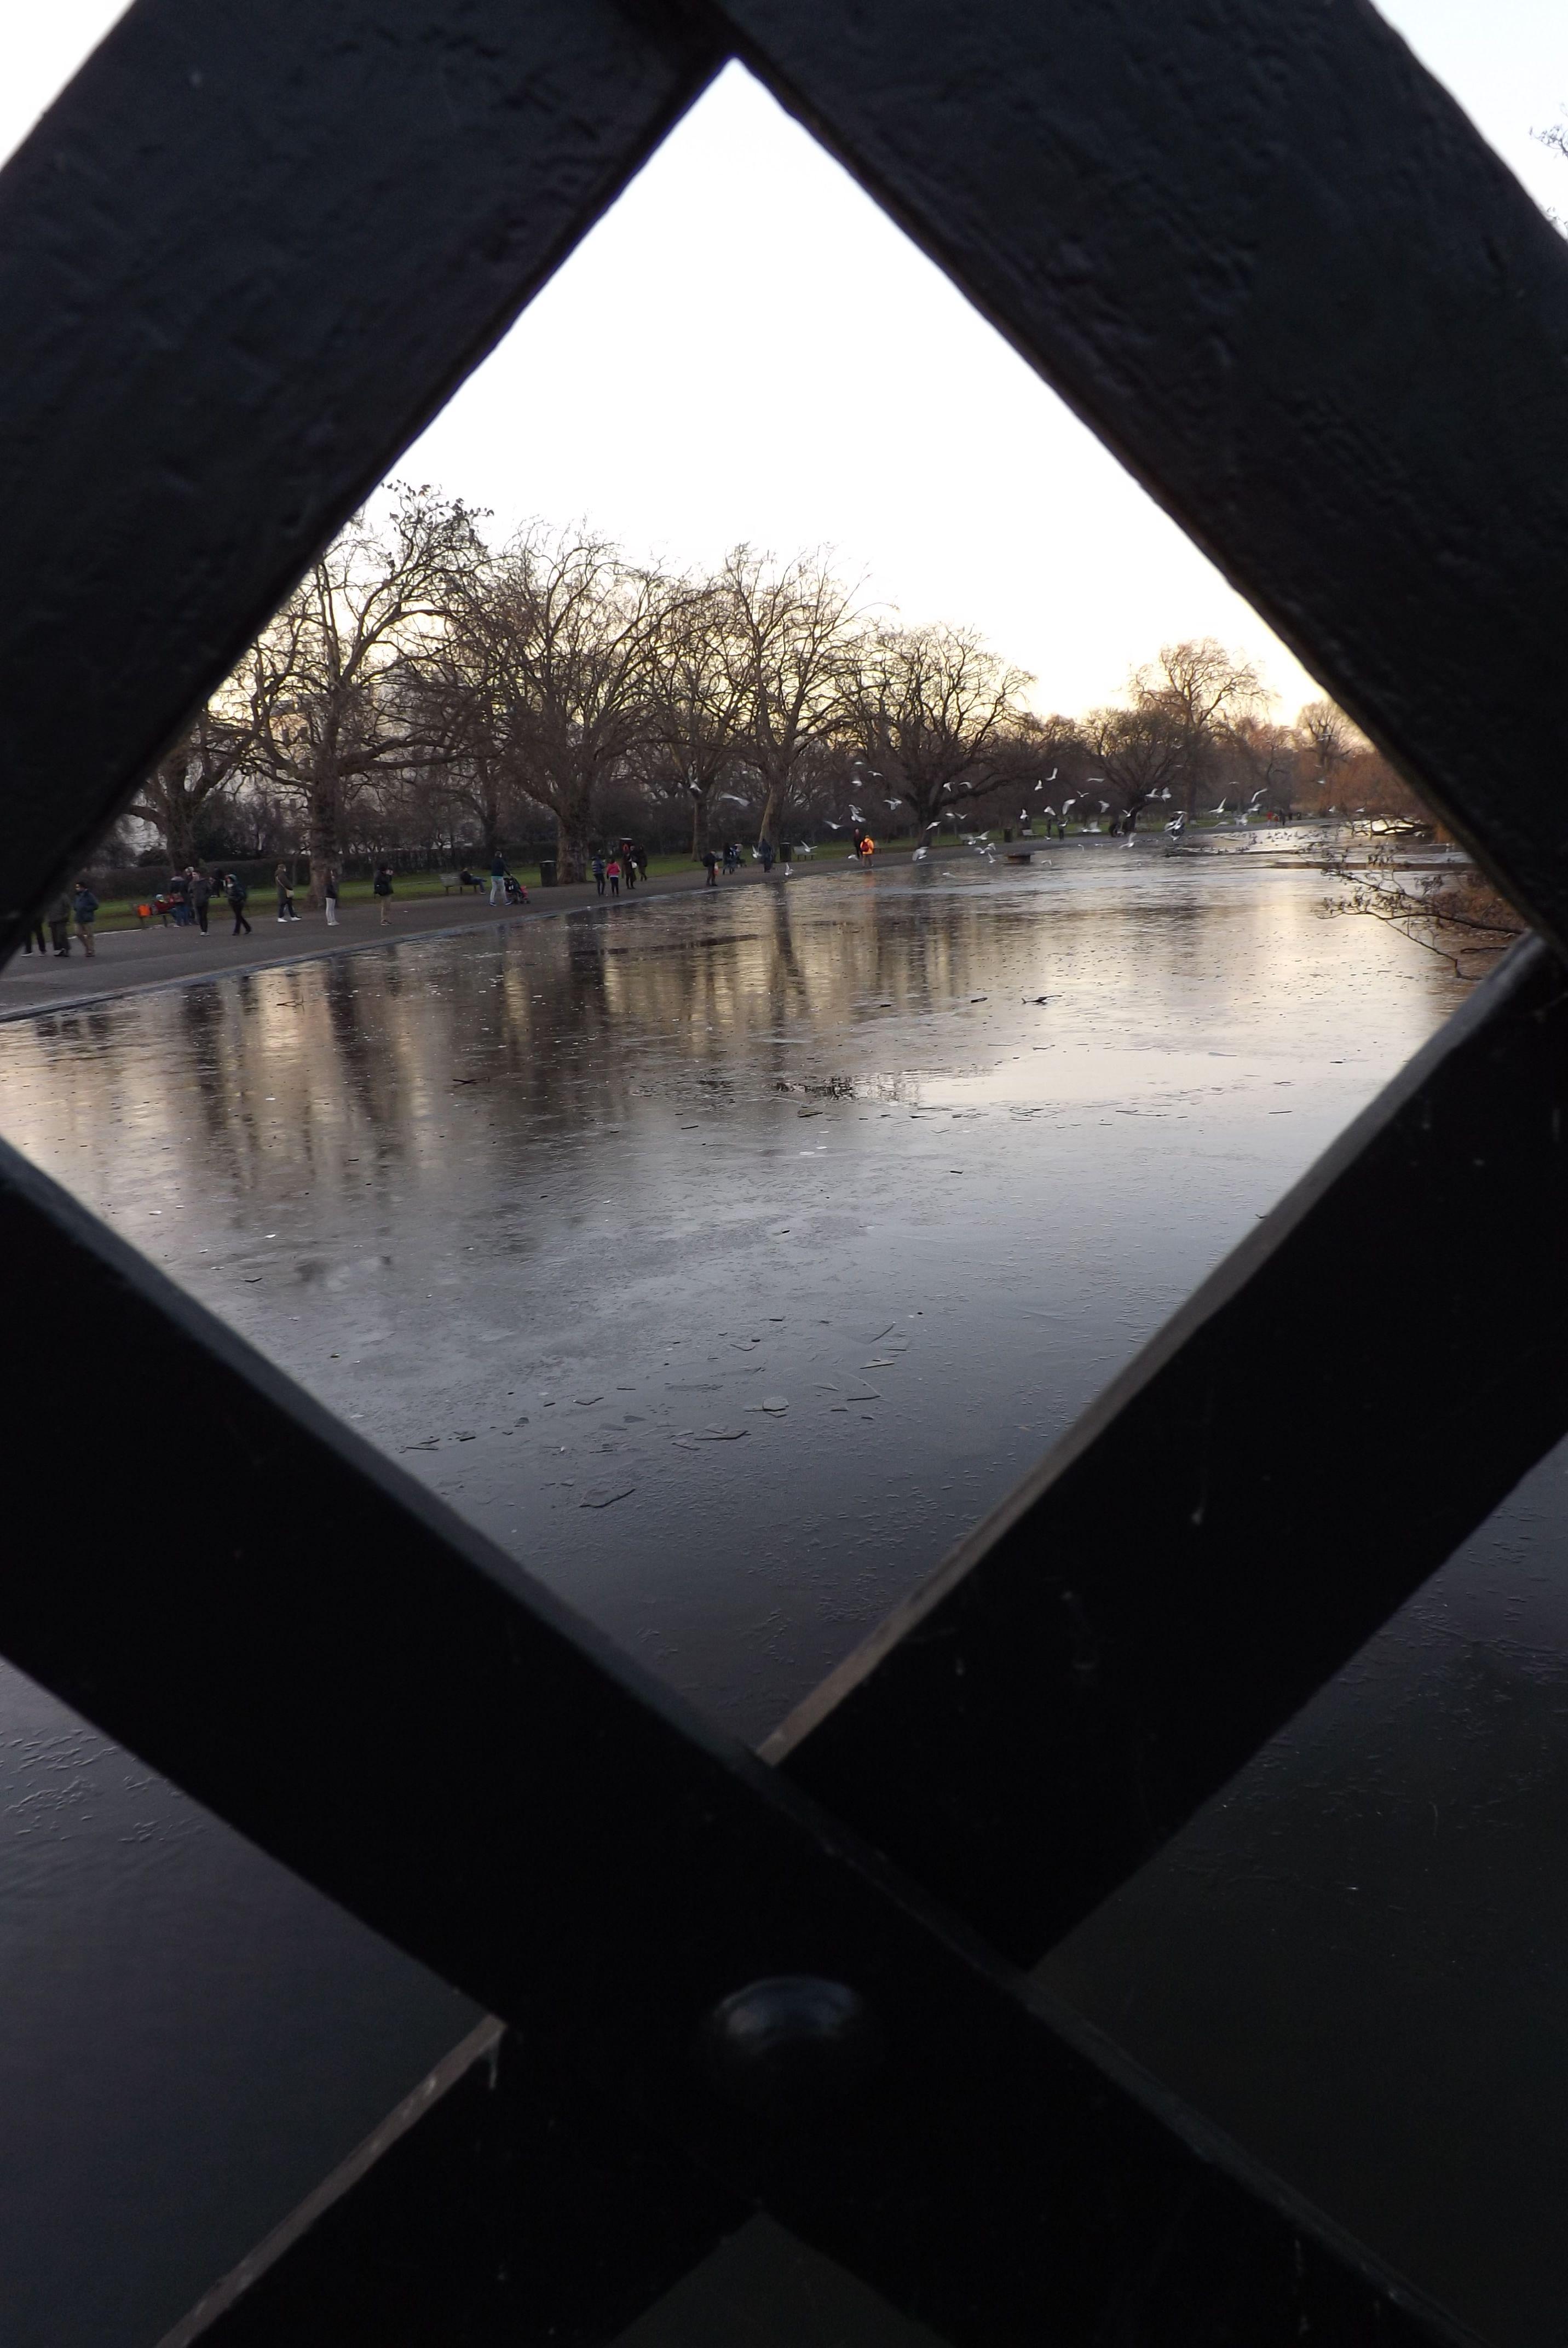 Regents Park Bridge, London